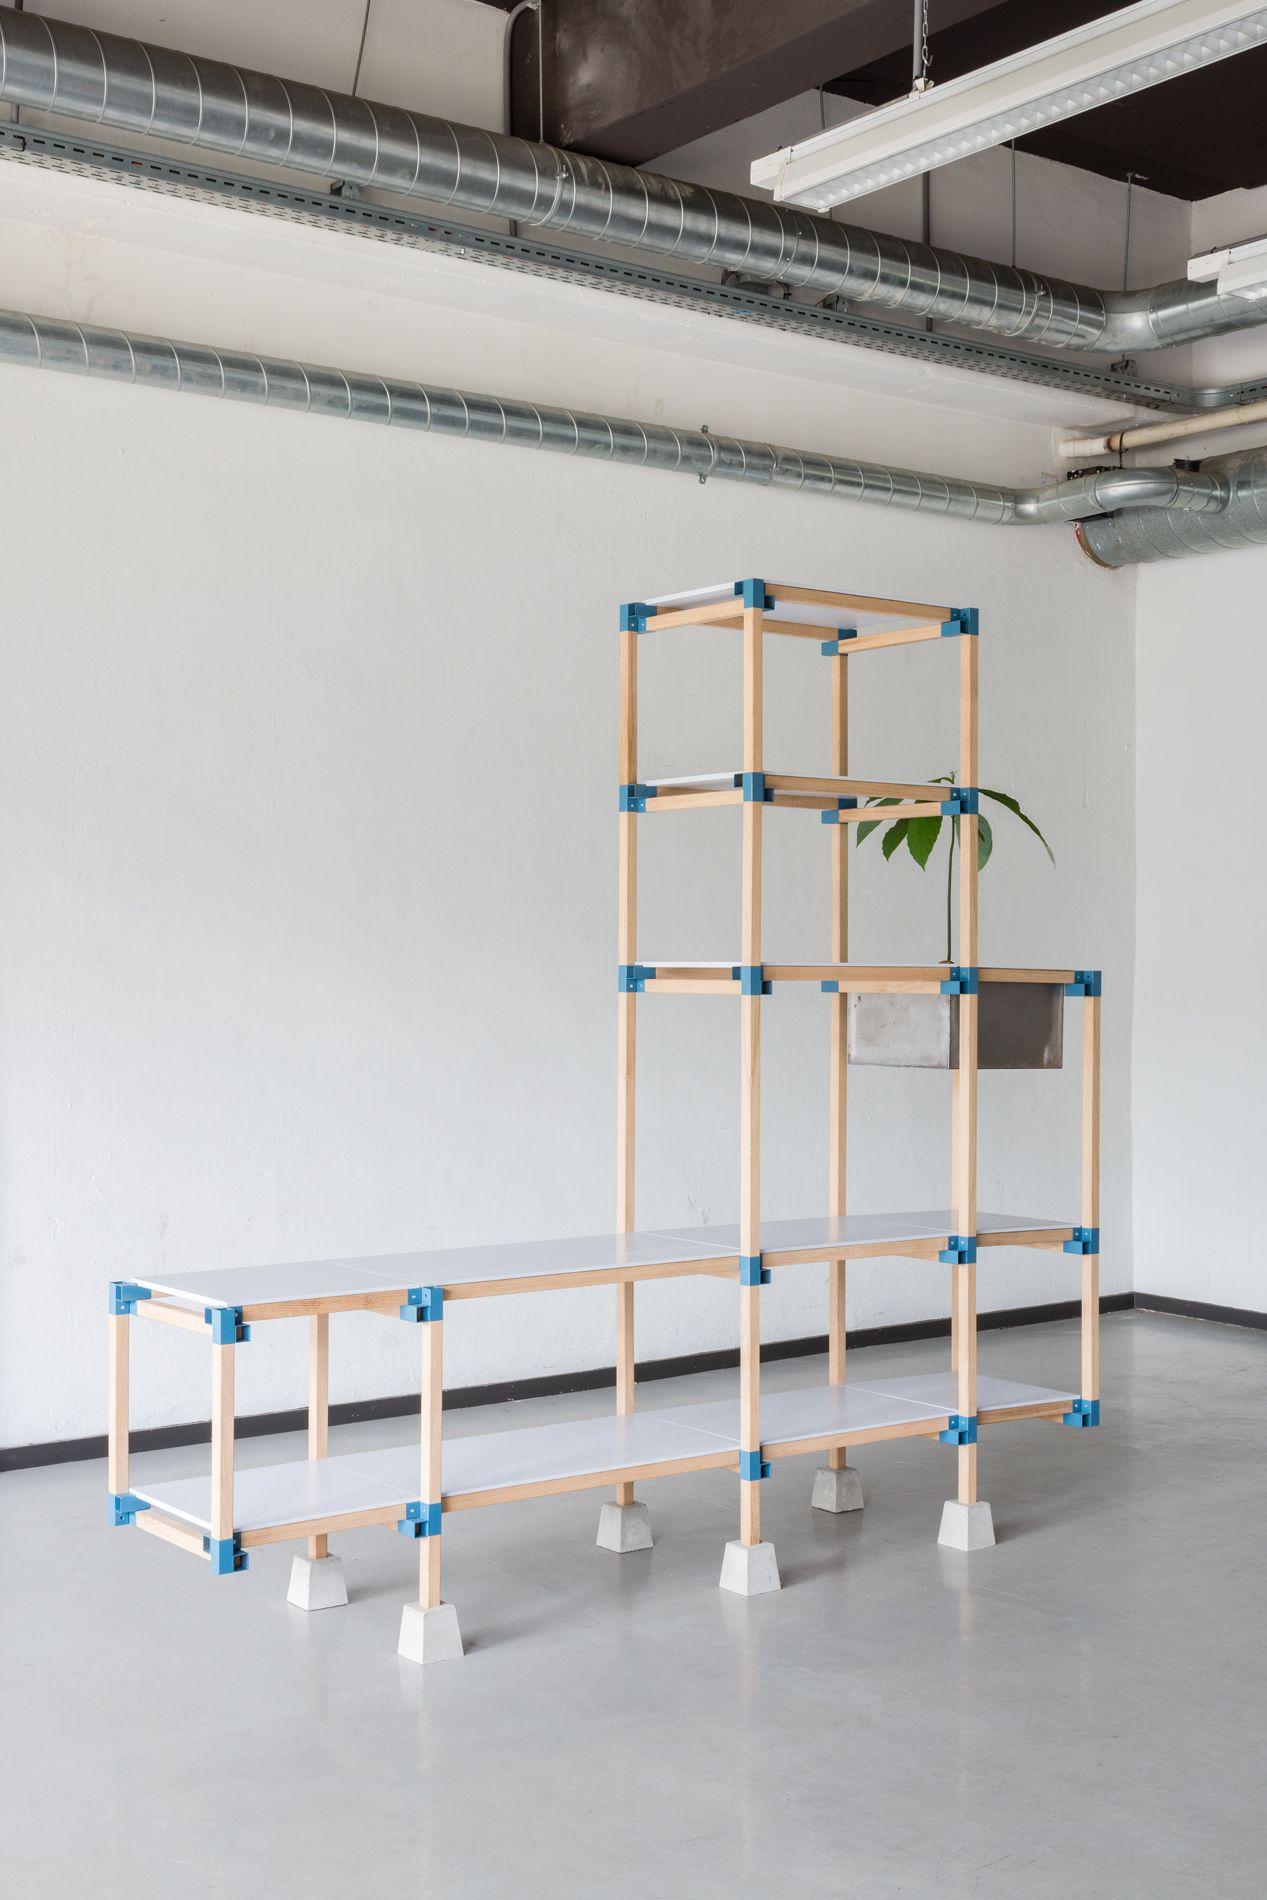 designed by goof van beek, laurentius de ruiter